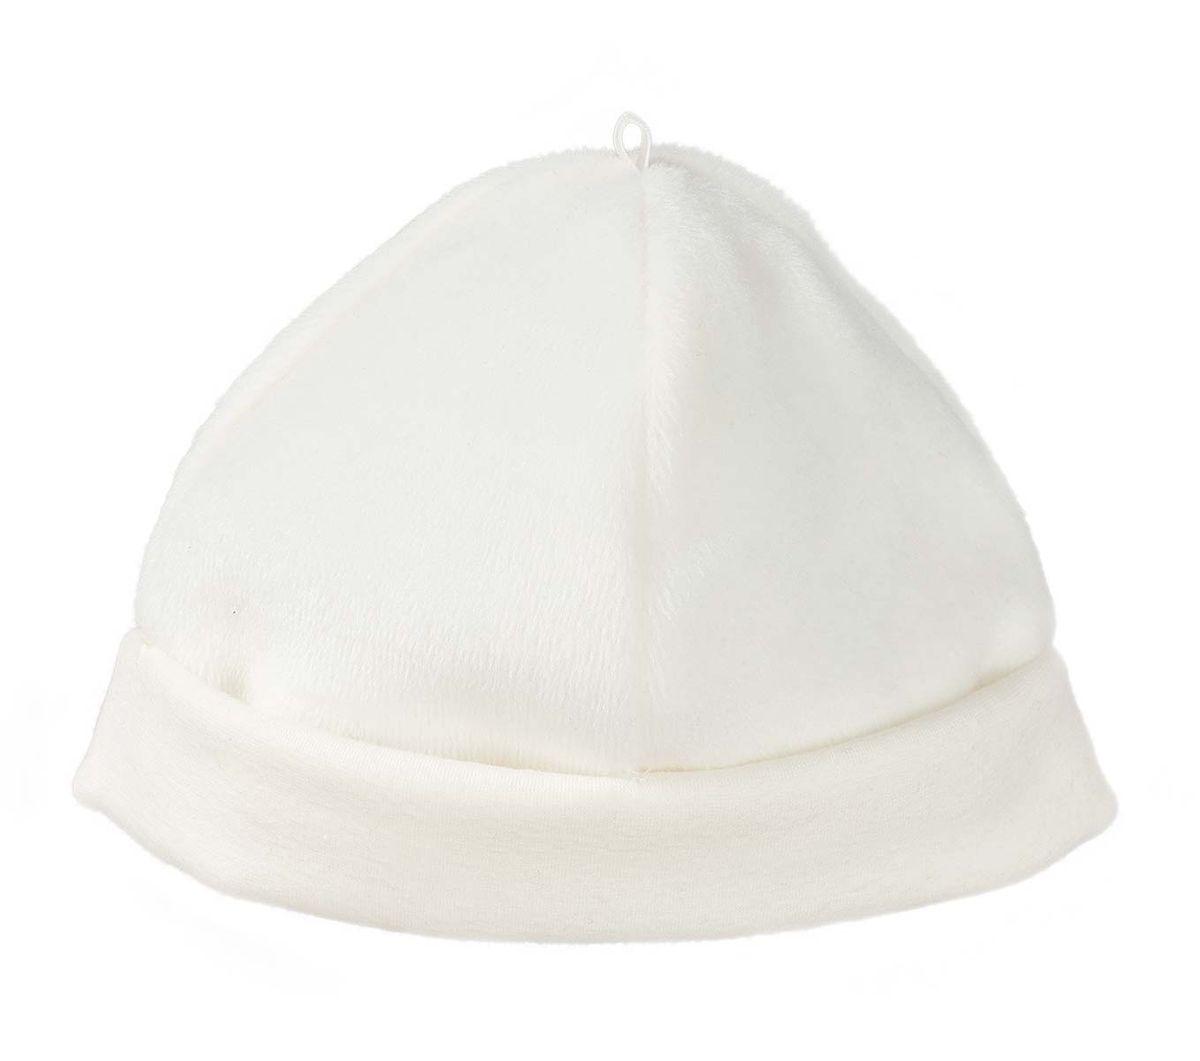 Patron de bonnet, pantalon et veste sweat - Burda 9315